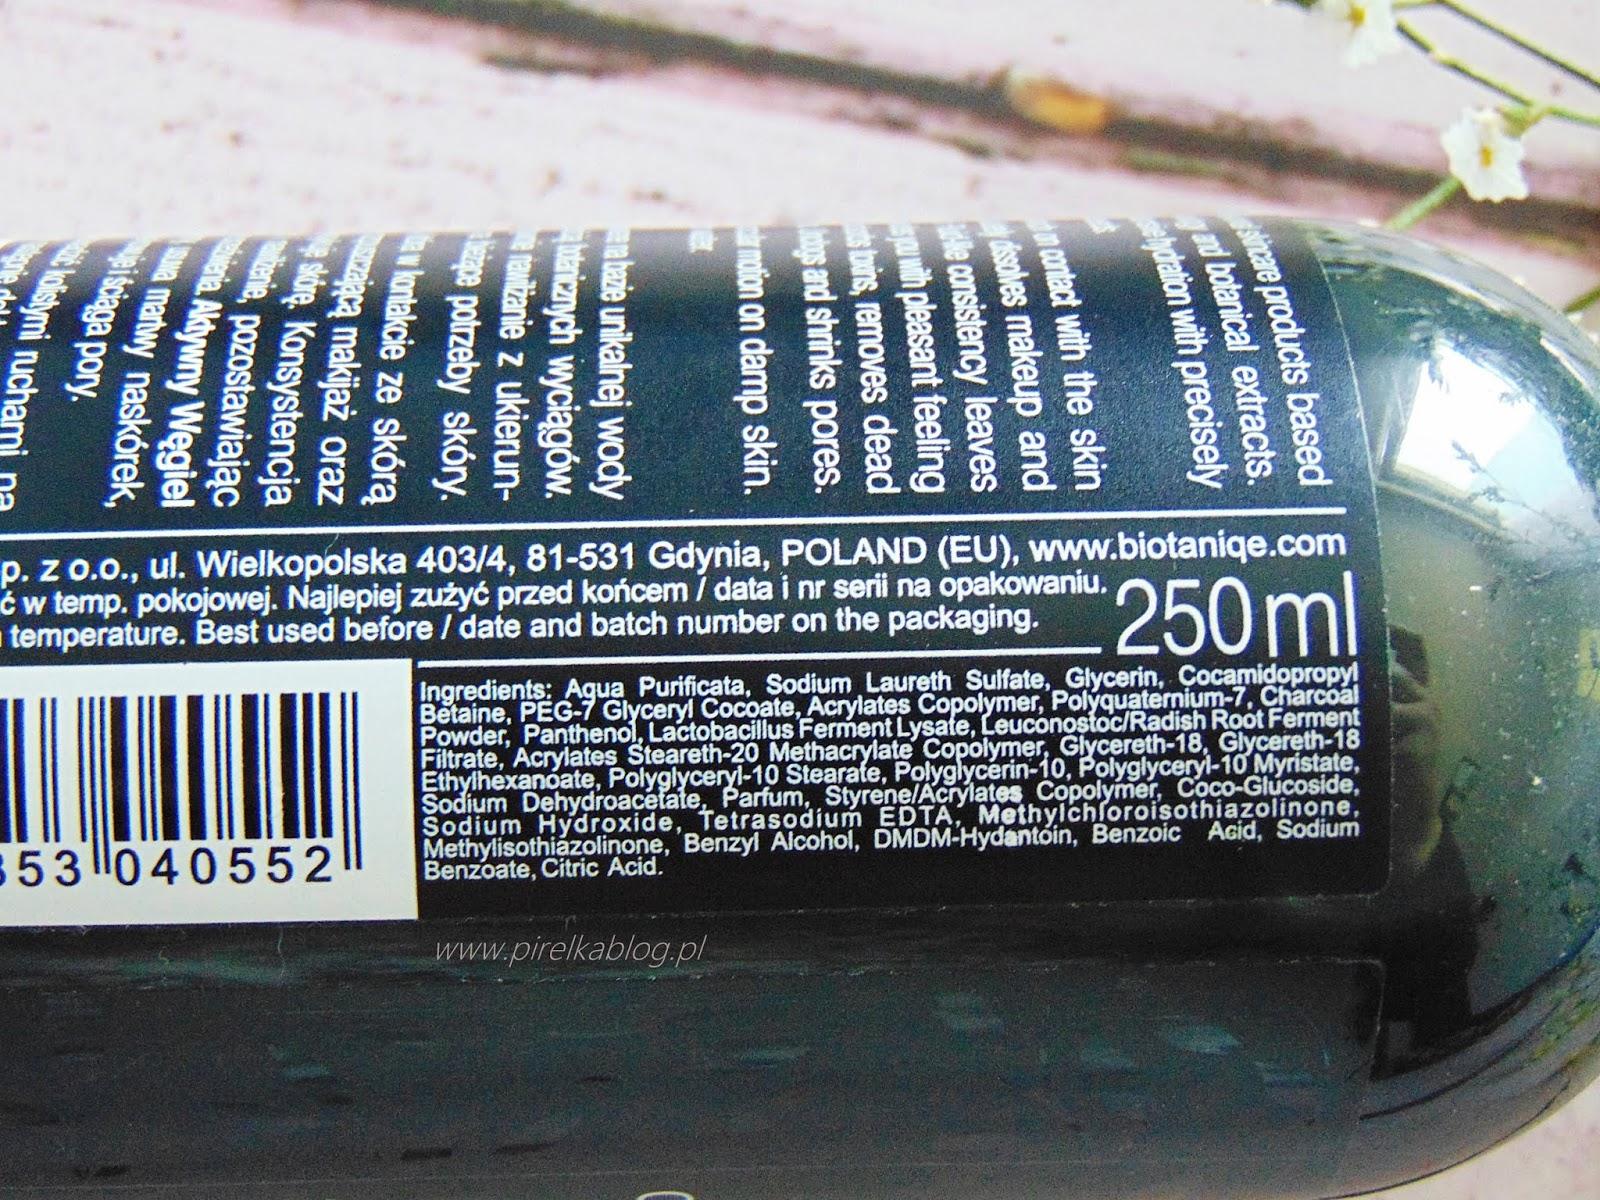 Biotaniqe, Węglowy żel myjący